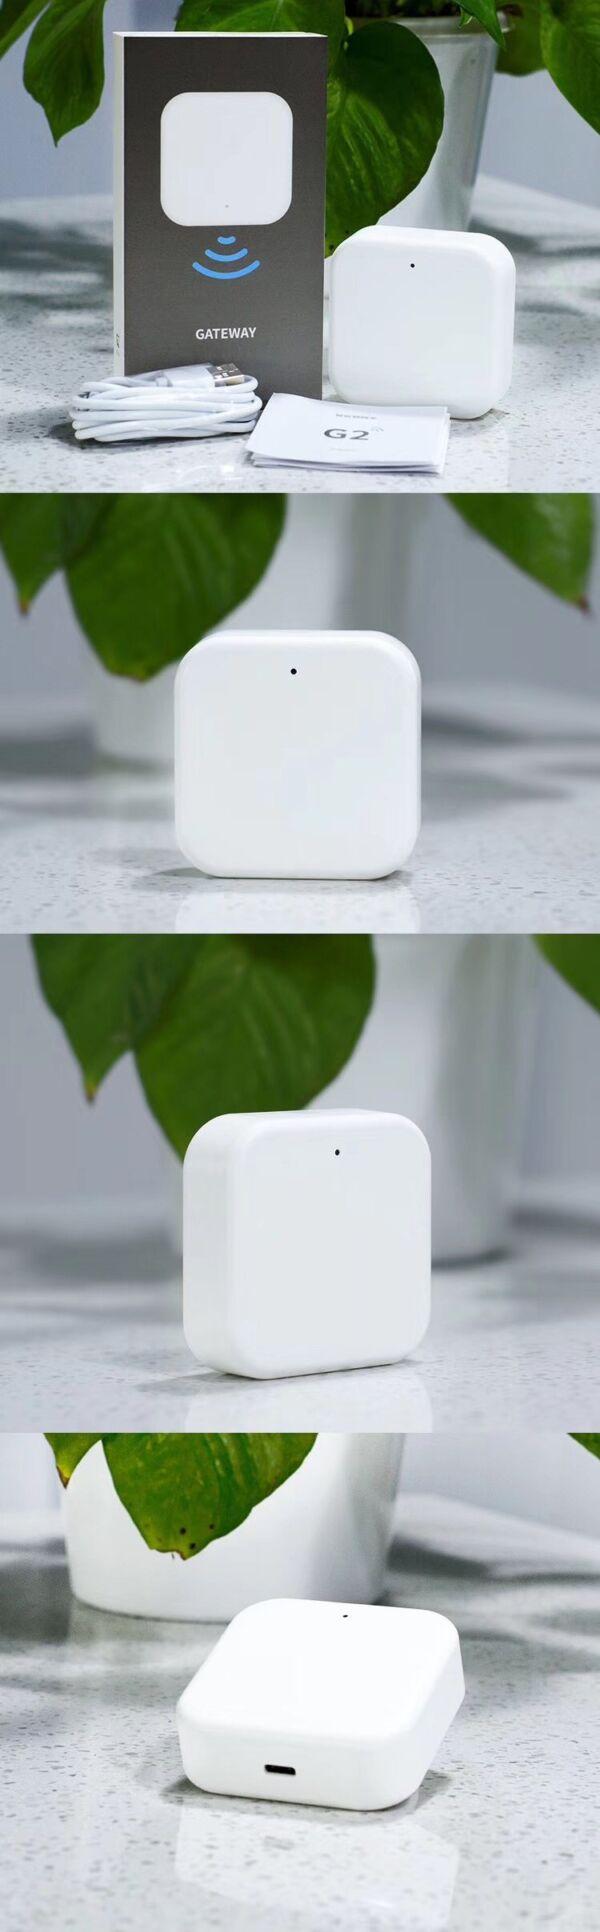 Wi-Fi iNOVO valdiklis